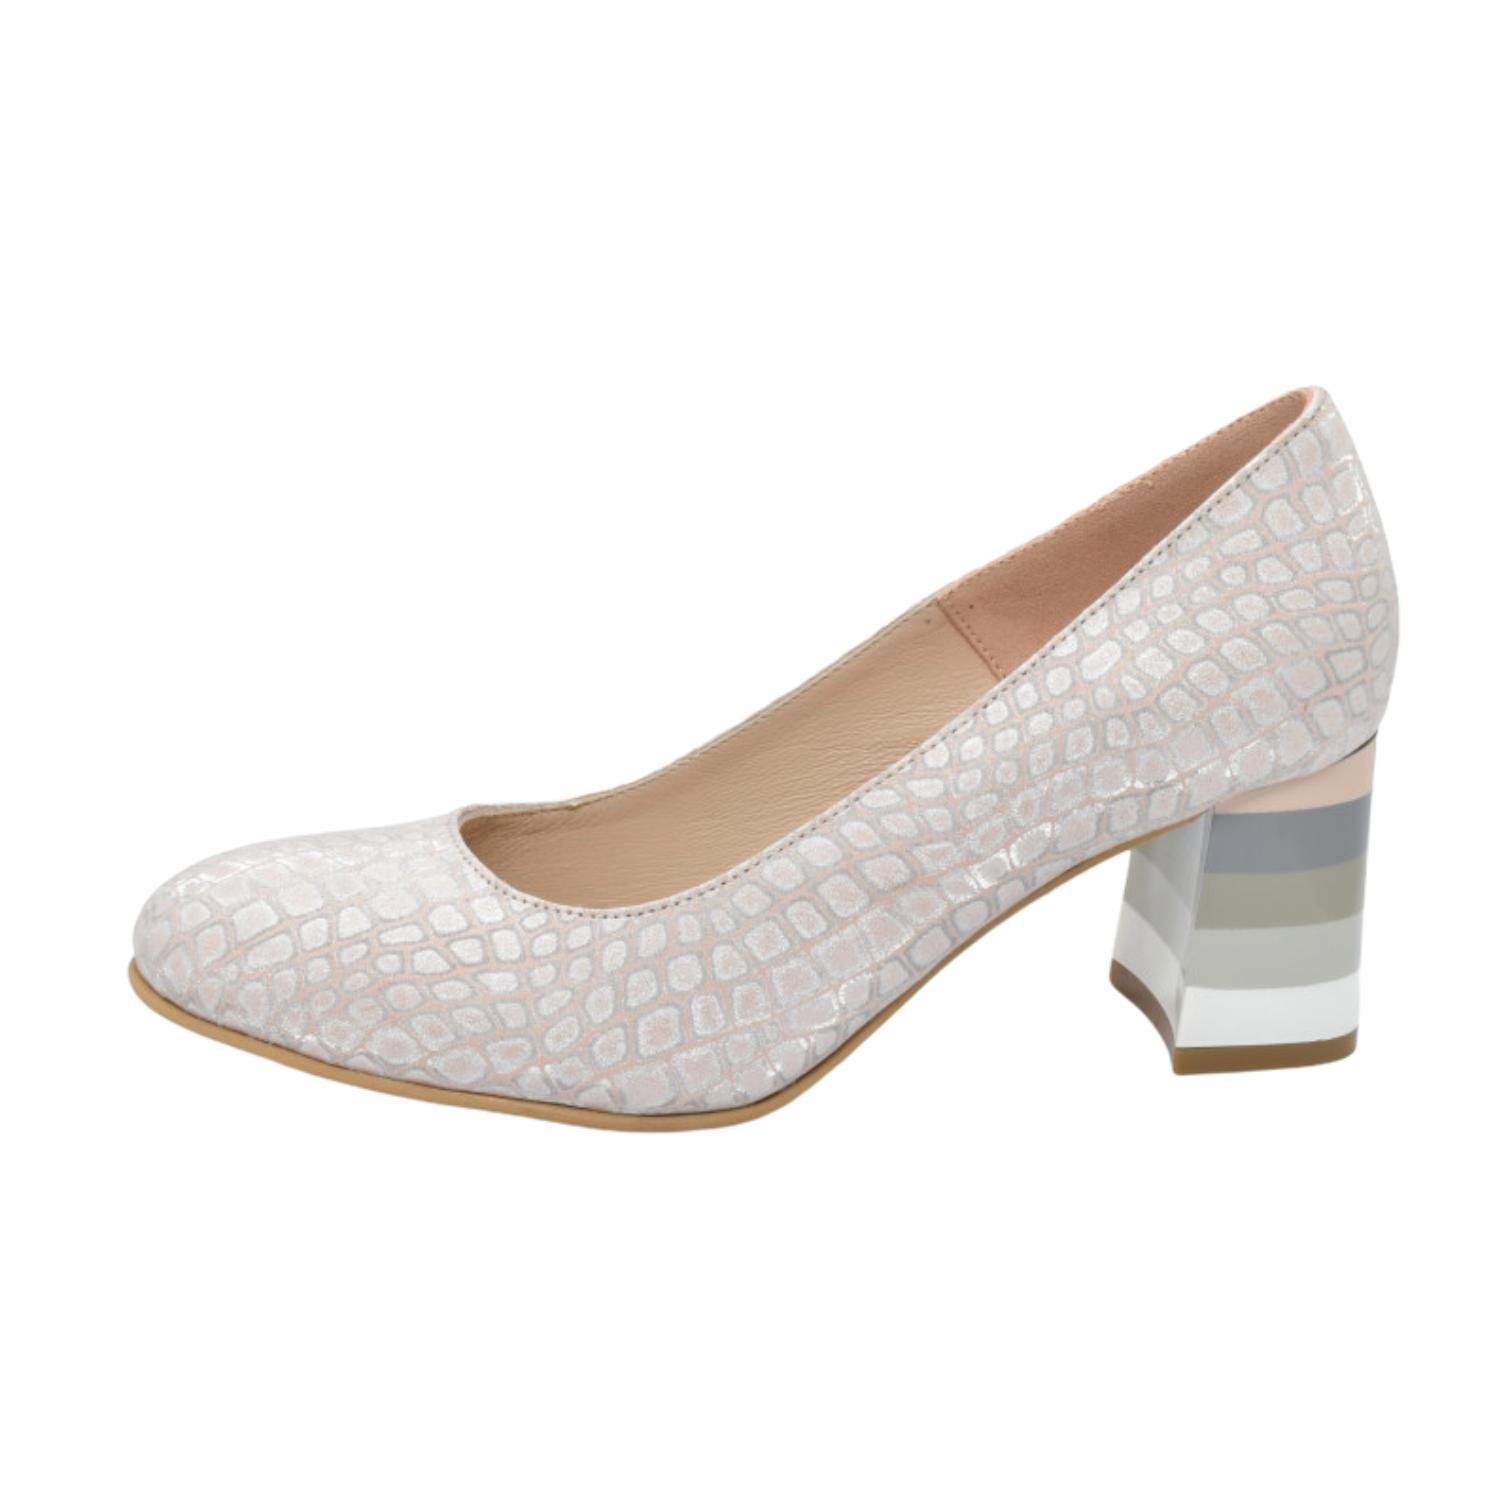 Pantofi roz somon cu toc colorat in dungi